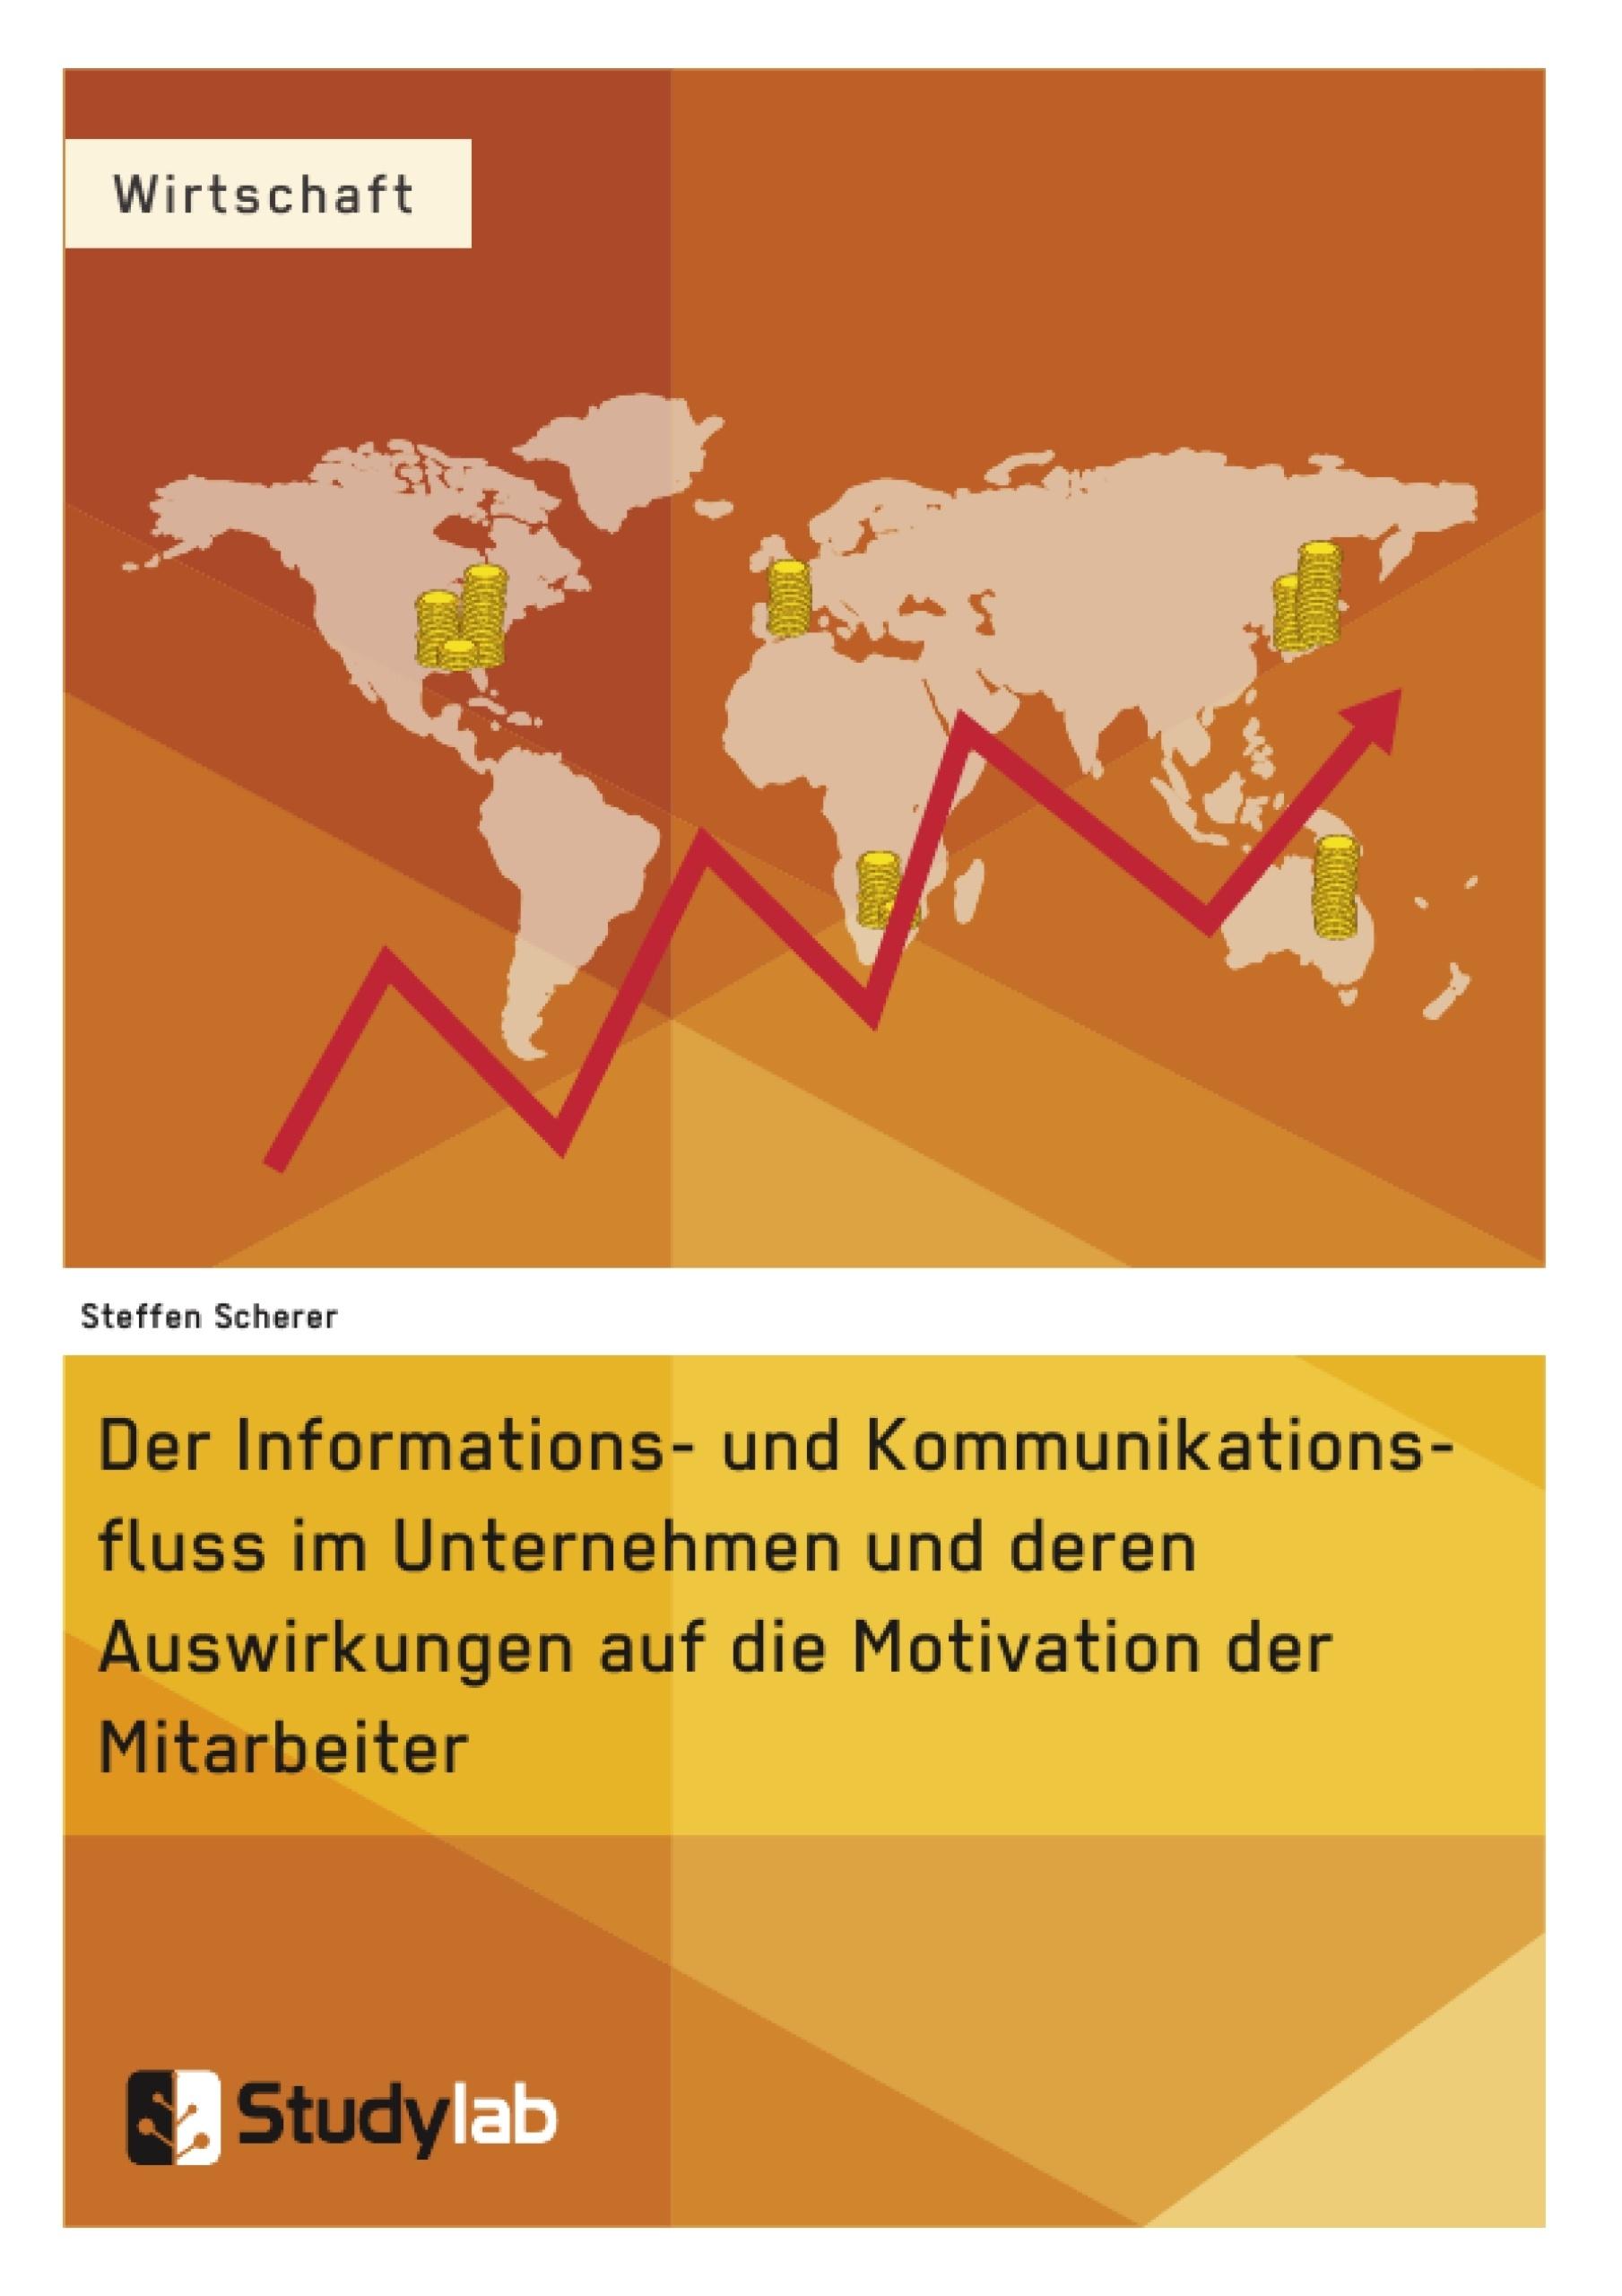 Titel: Der Informations- und Kommunikationsfluss im Unternehmen und deren Auswirkungen auf die Motivation der Mitarbeiter